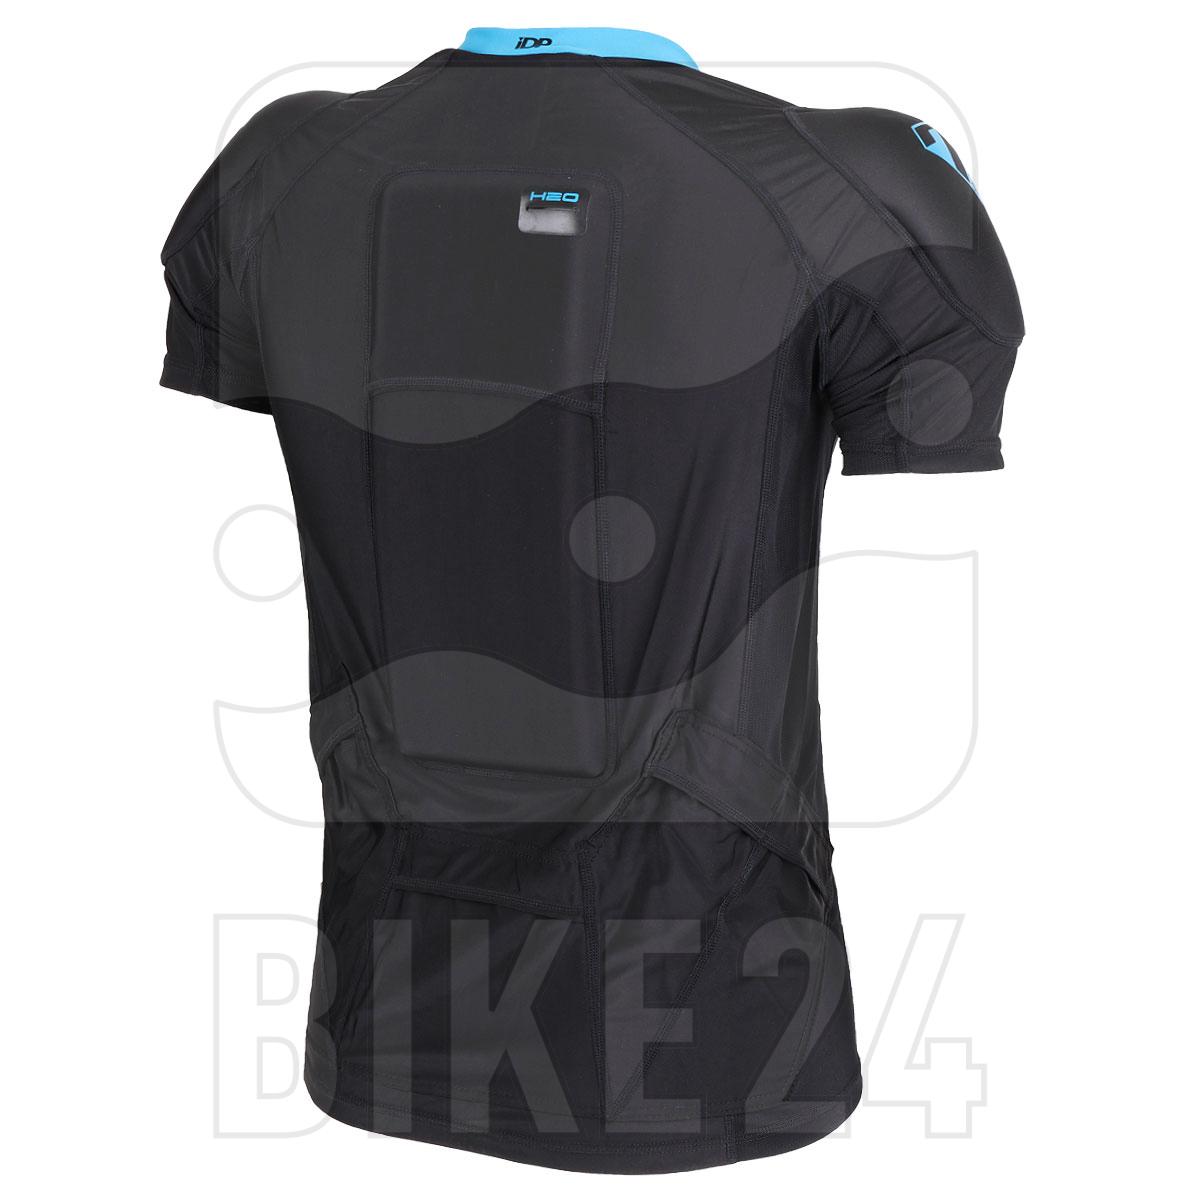 Imagen de 7 Protection 7iDP Flex Body Suit Protector T-Shirt - black-blue